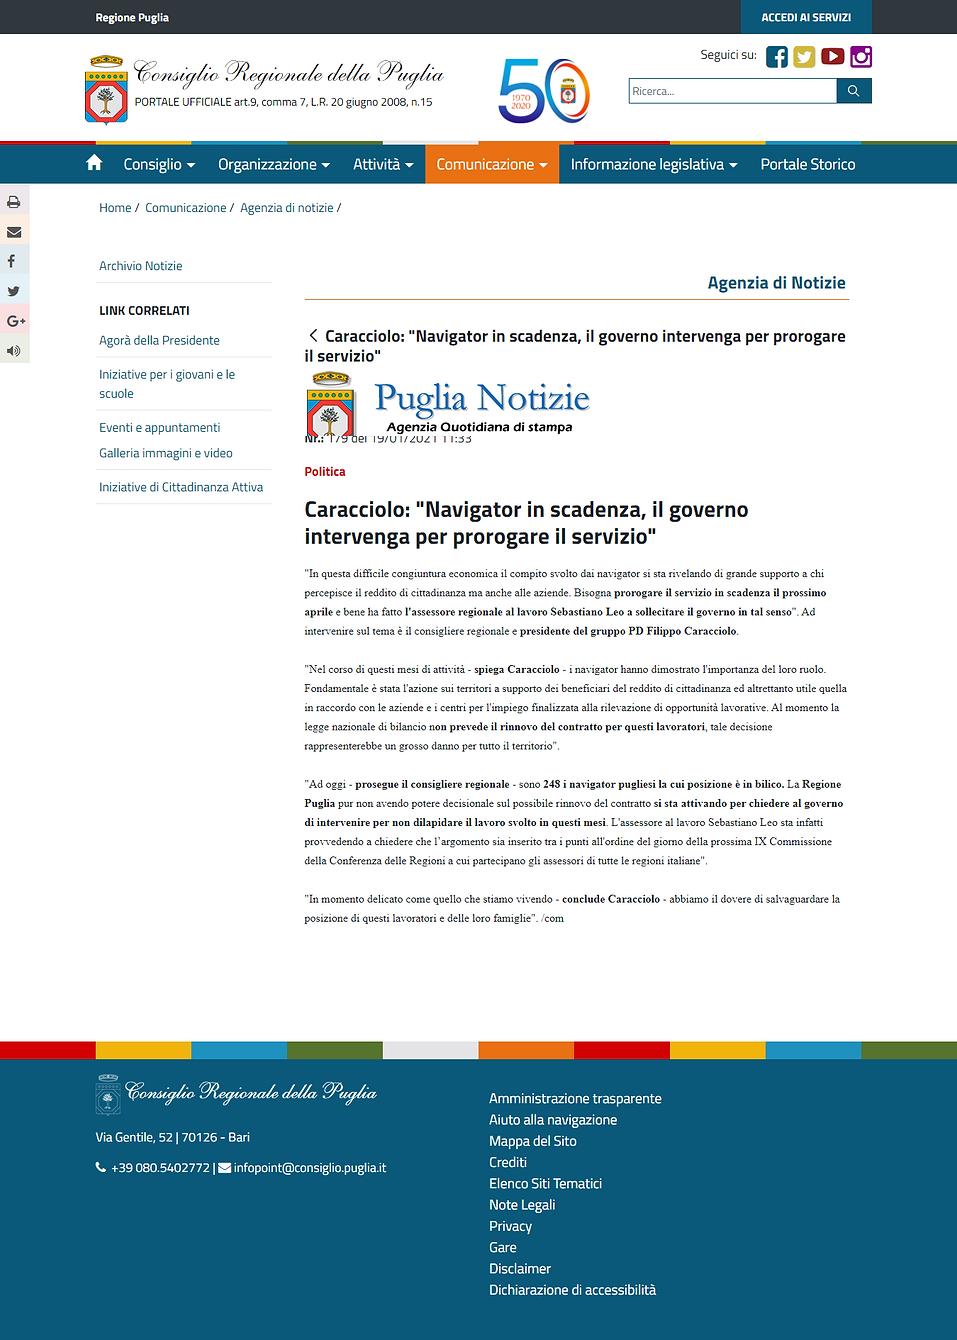 Consiglio-Regionale-della-Puglia-Caracci